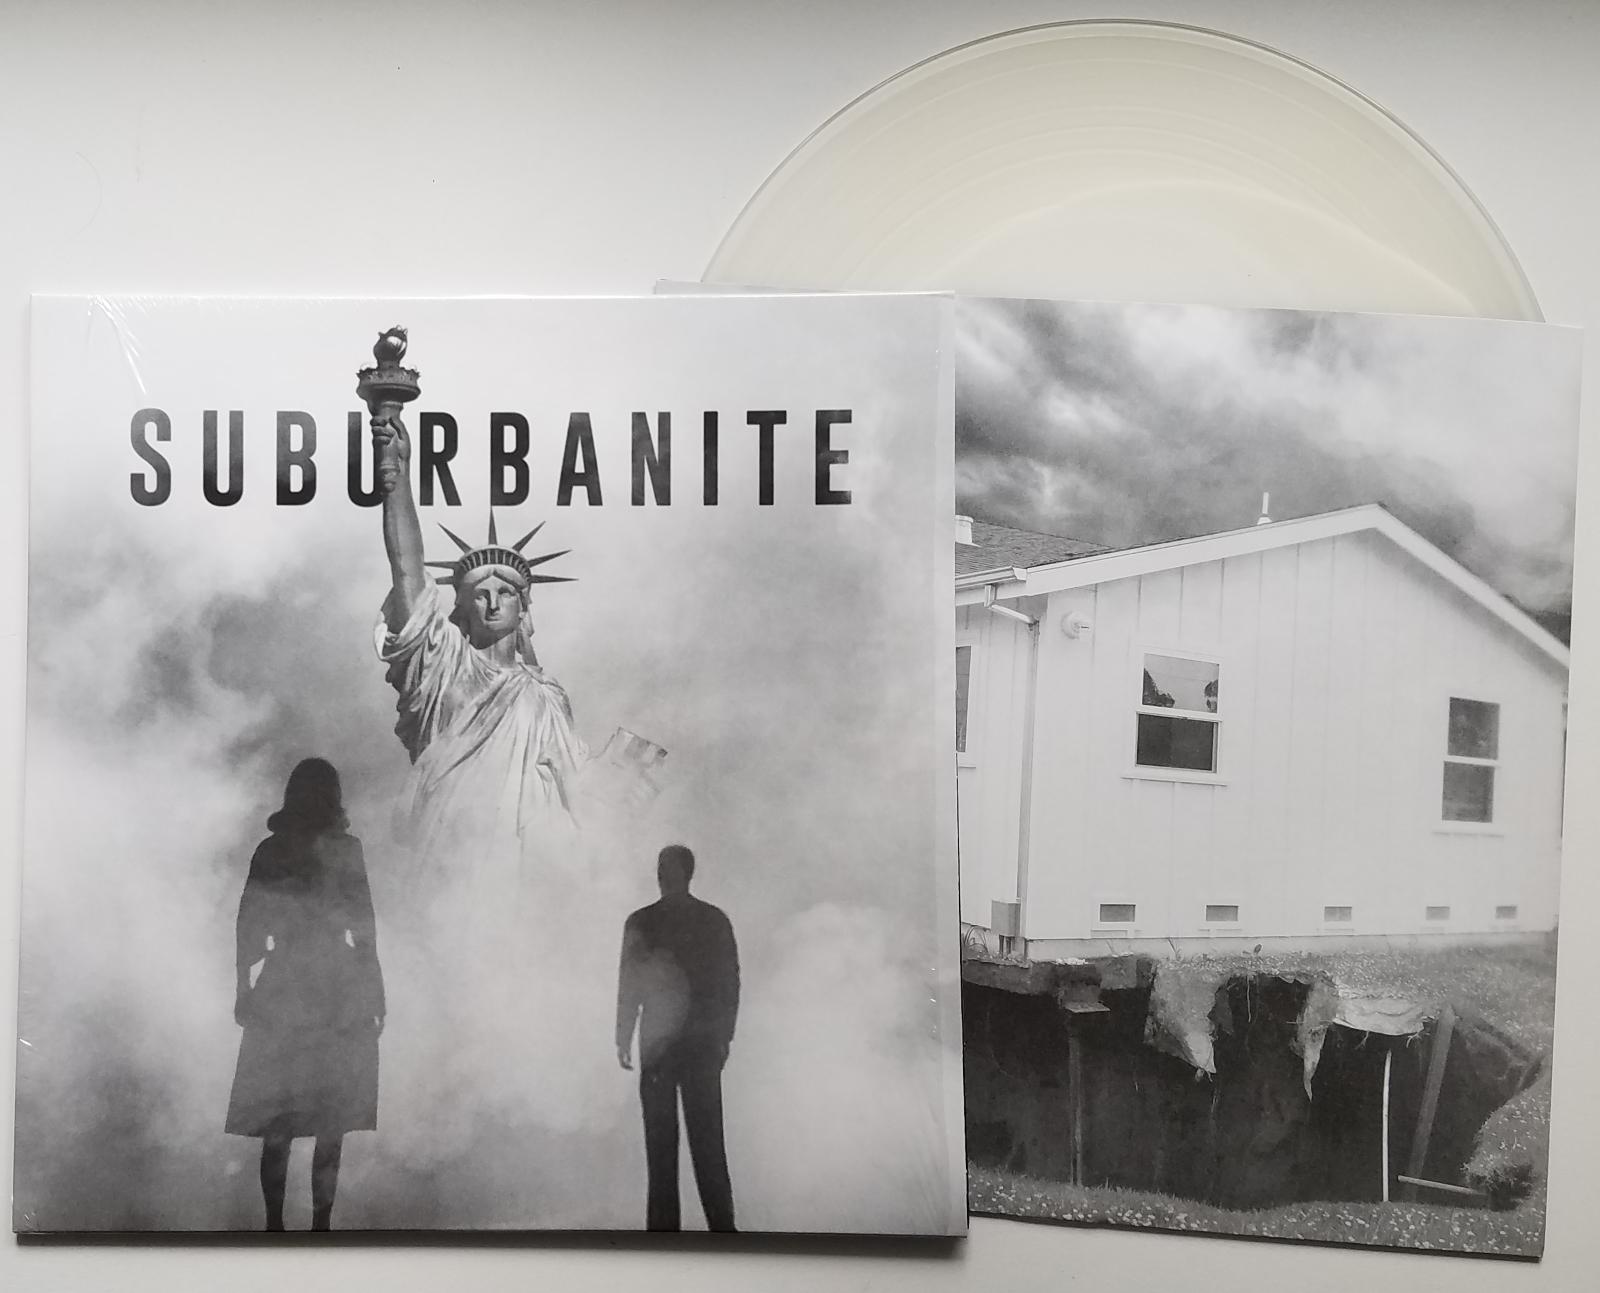 Suburbanite - Suburbanite 12